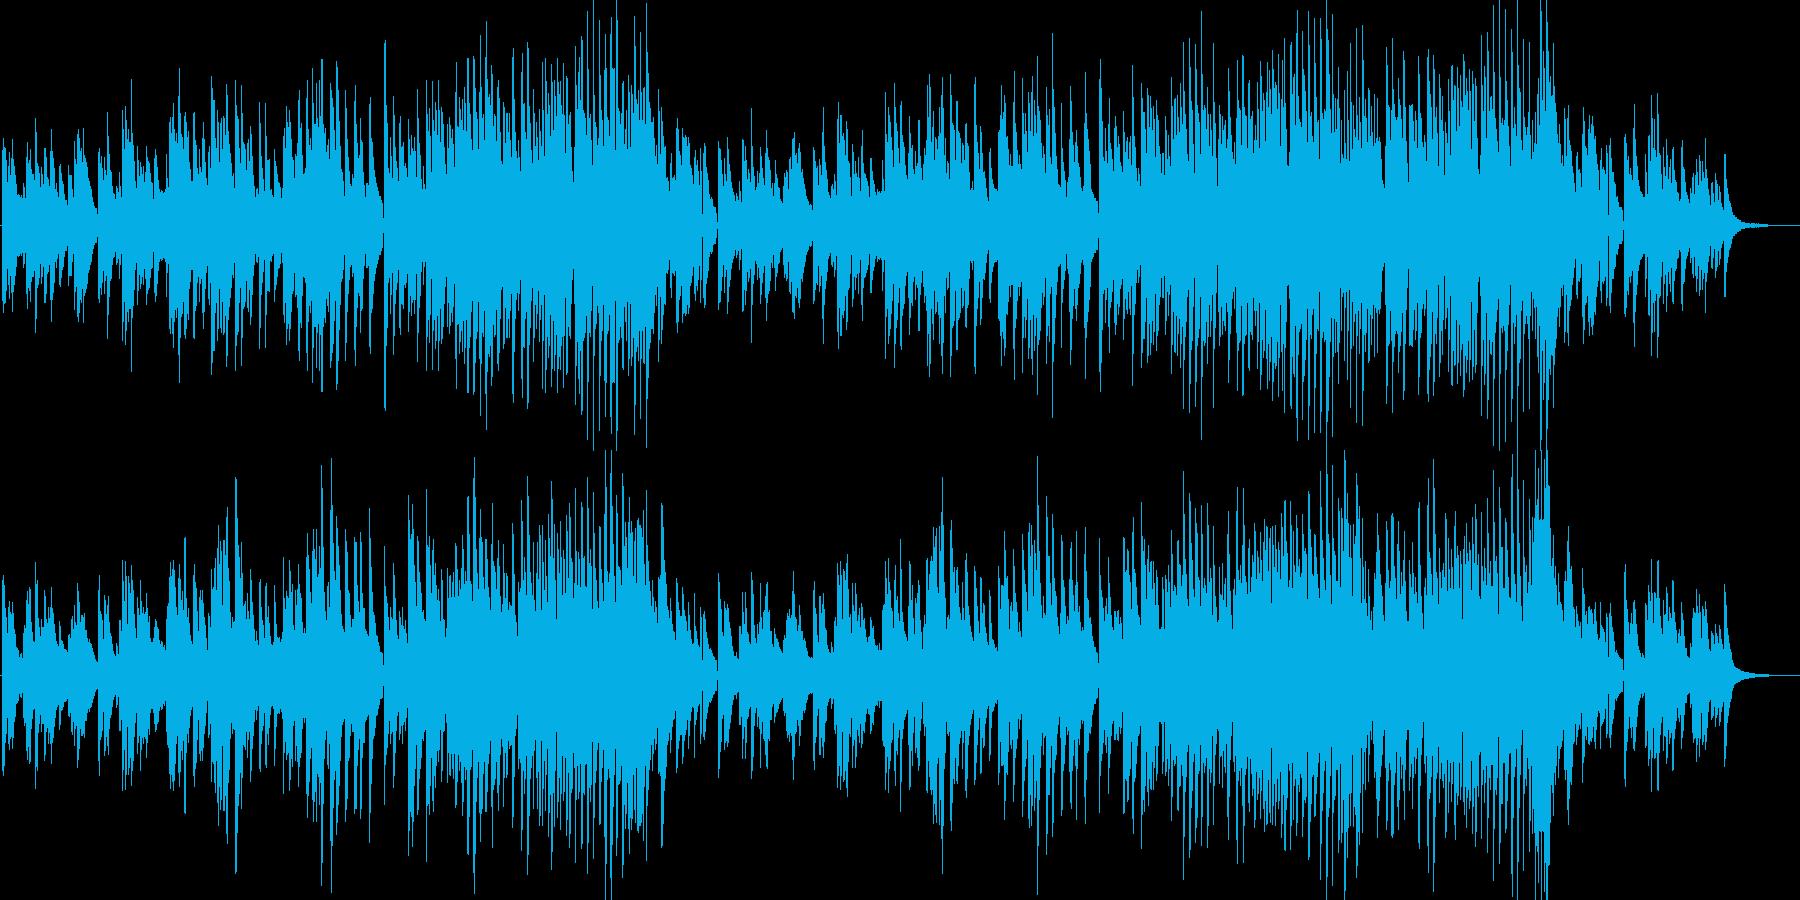 安心感があり落ち着くピアノソロの再生済みの波形